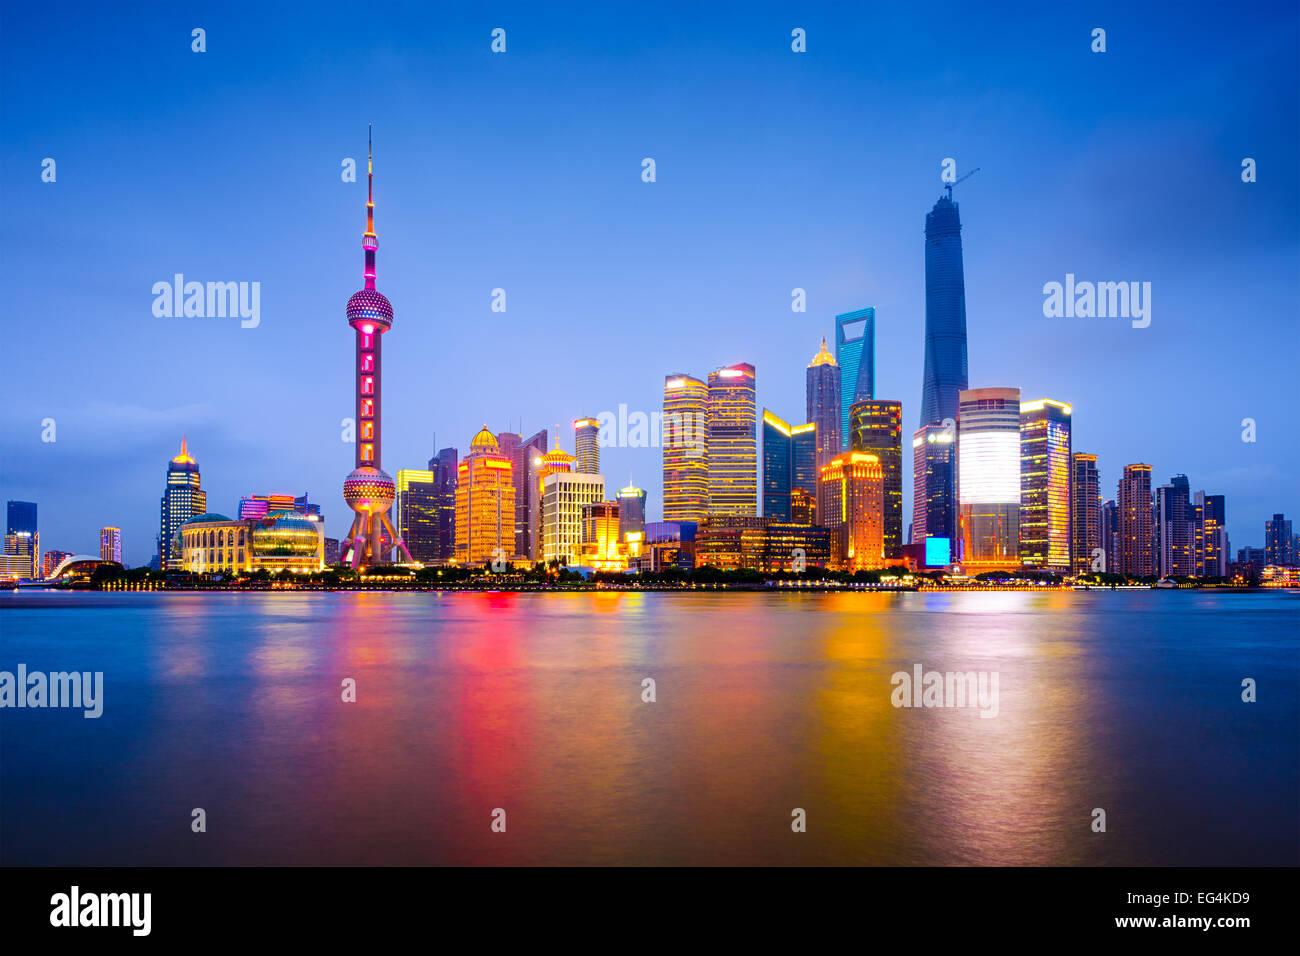 Shanghai, Chine ville sur la rivière Huangpu. Photo Stock